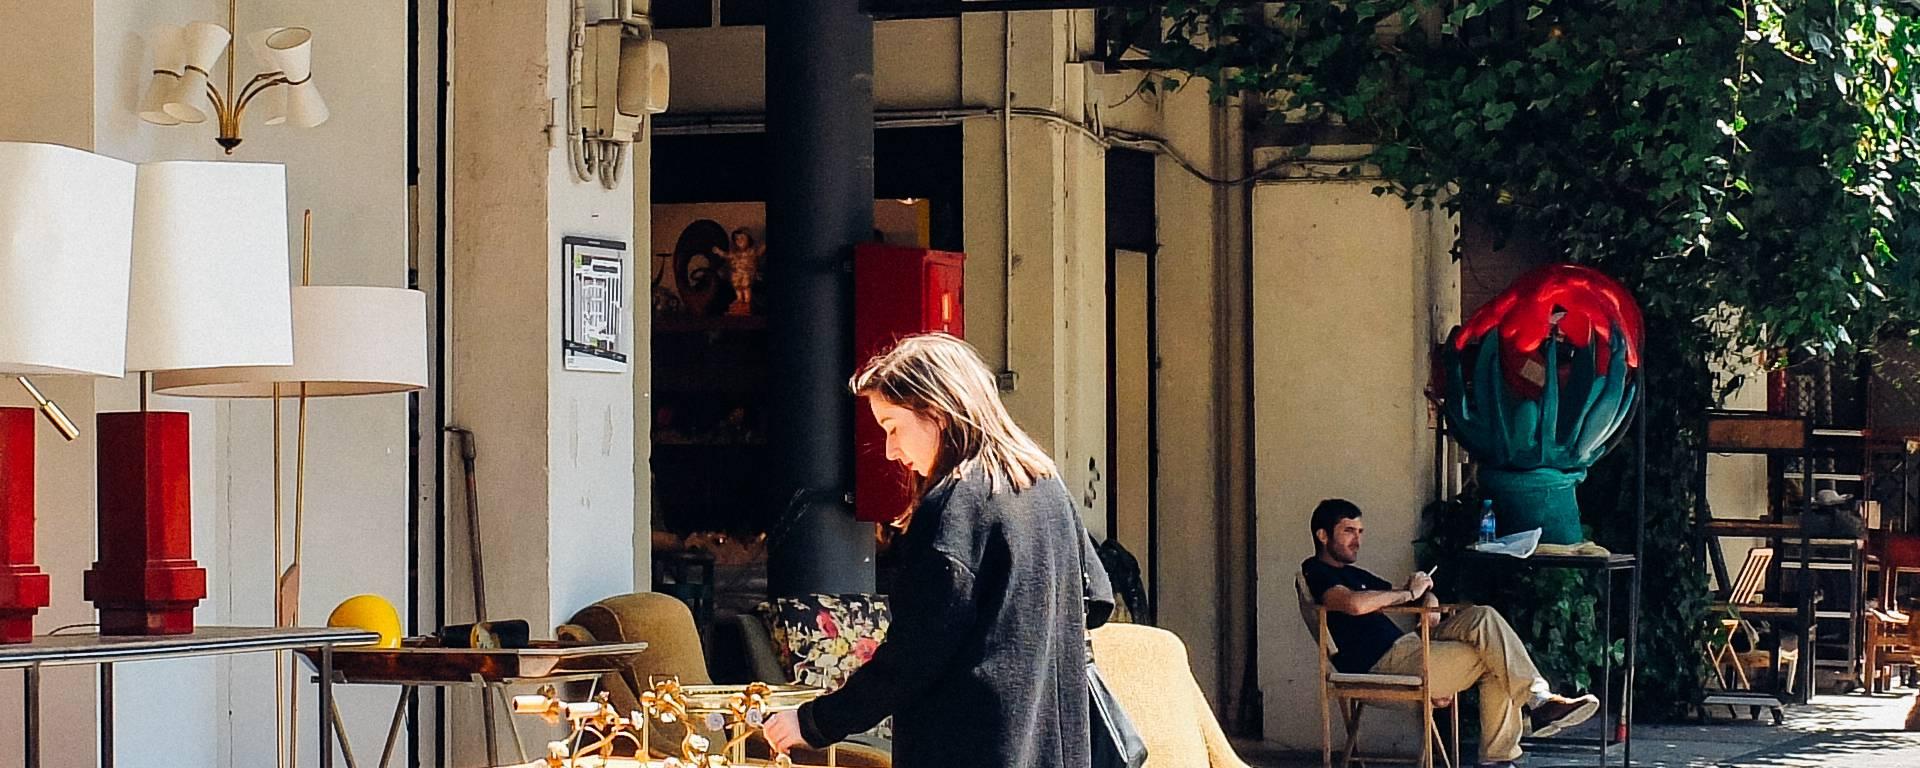 Mobilier vintage - marché aux puces